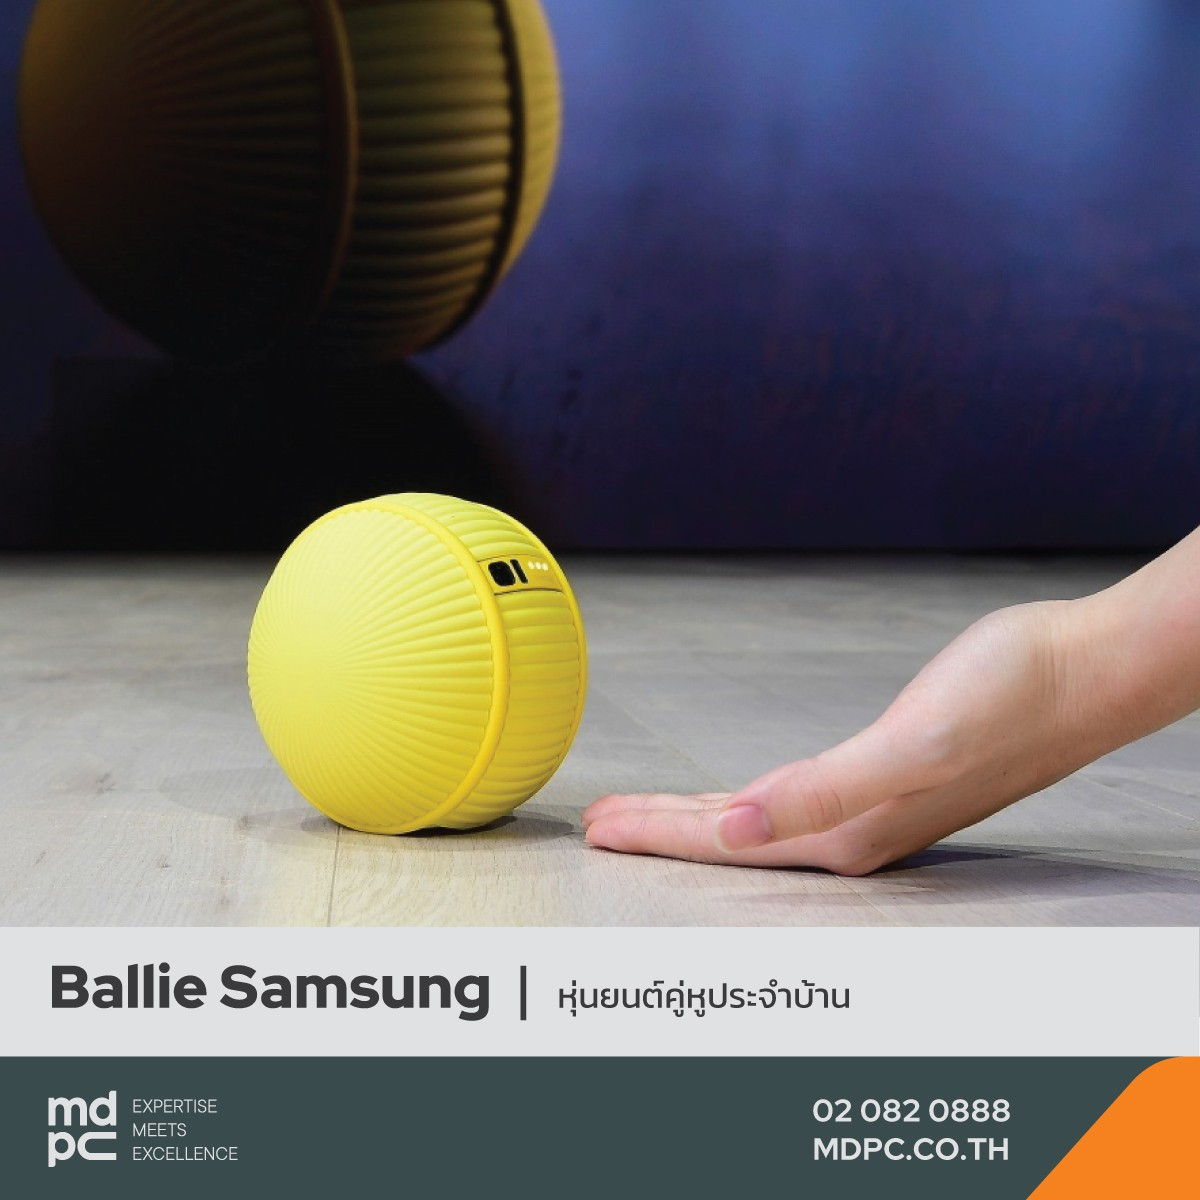 หุ่นยนต์ Ballie Samsung